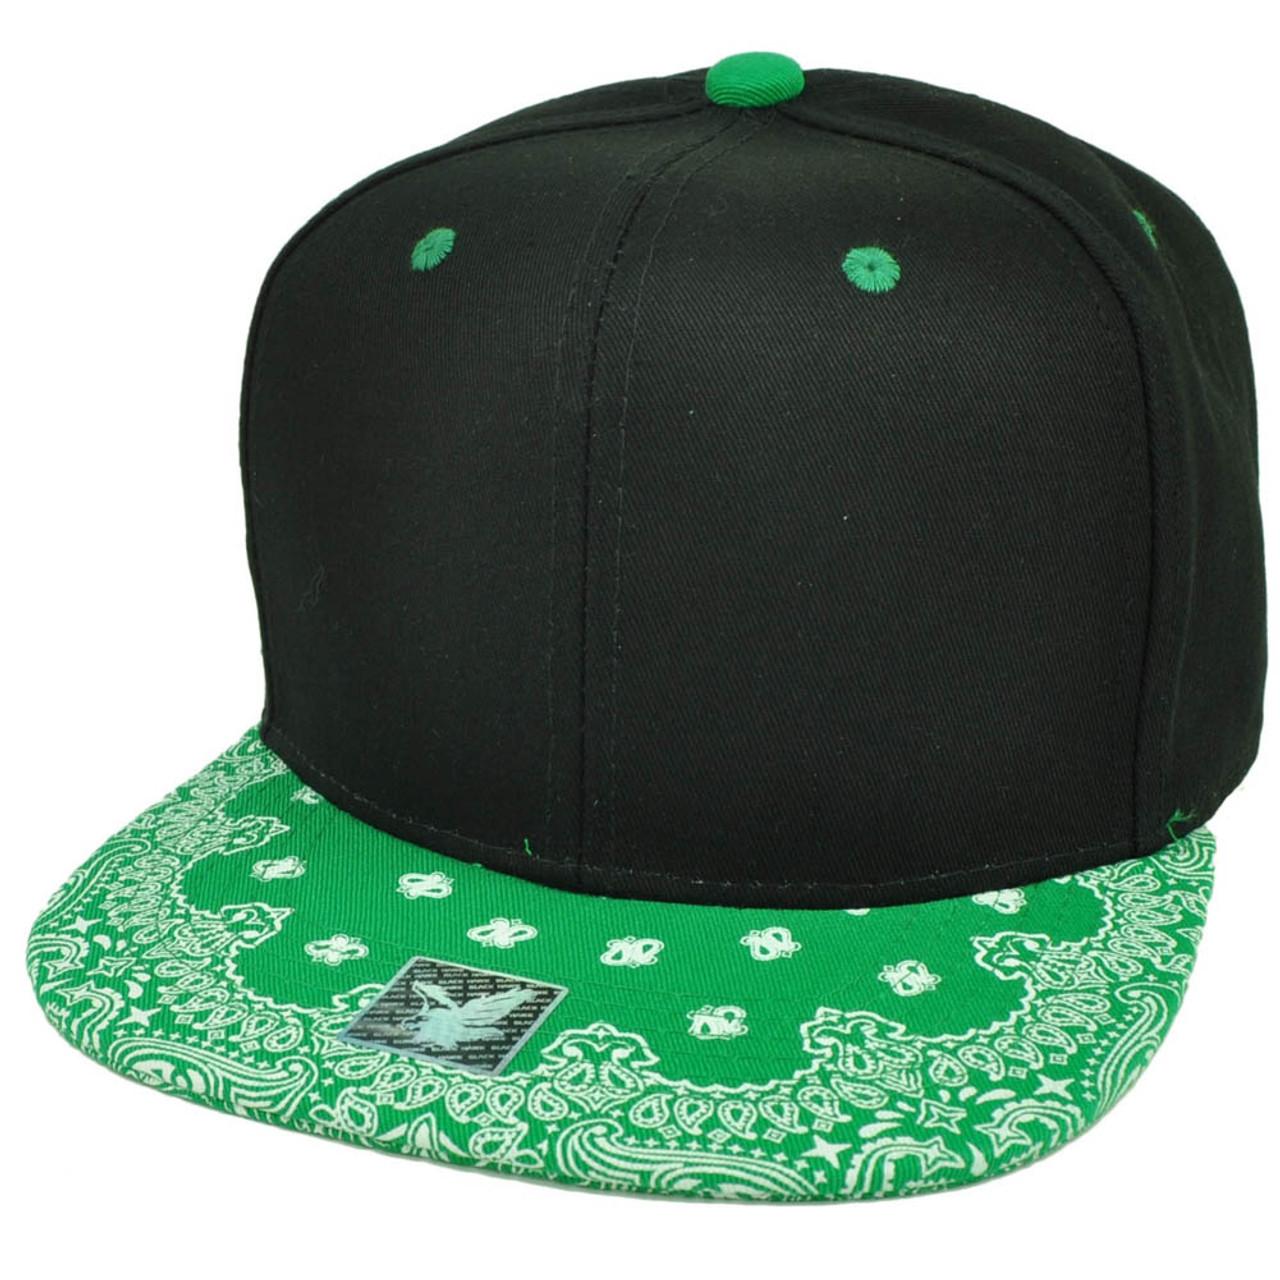 ff7ed628f Black Green Bandana Print Pattern Flat Bill Hat Cap Snapback Plain Blank  Solid